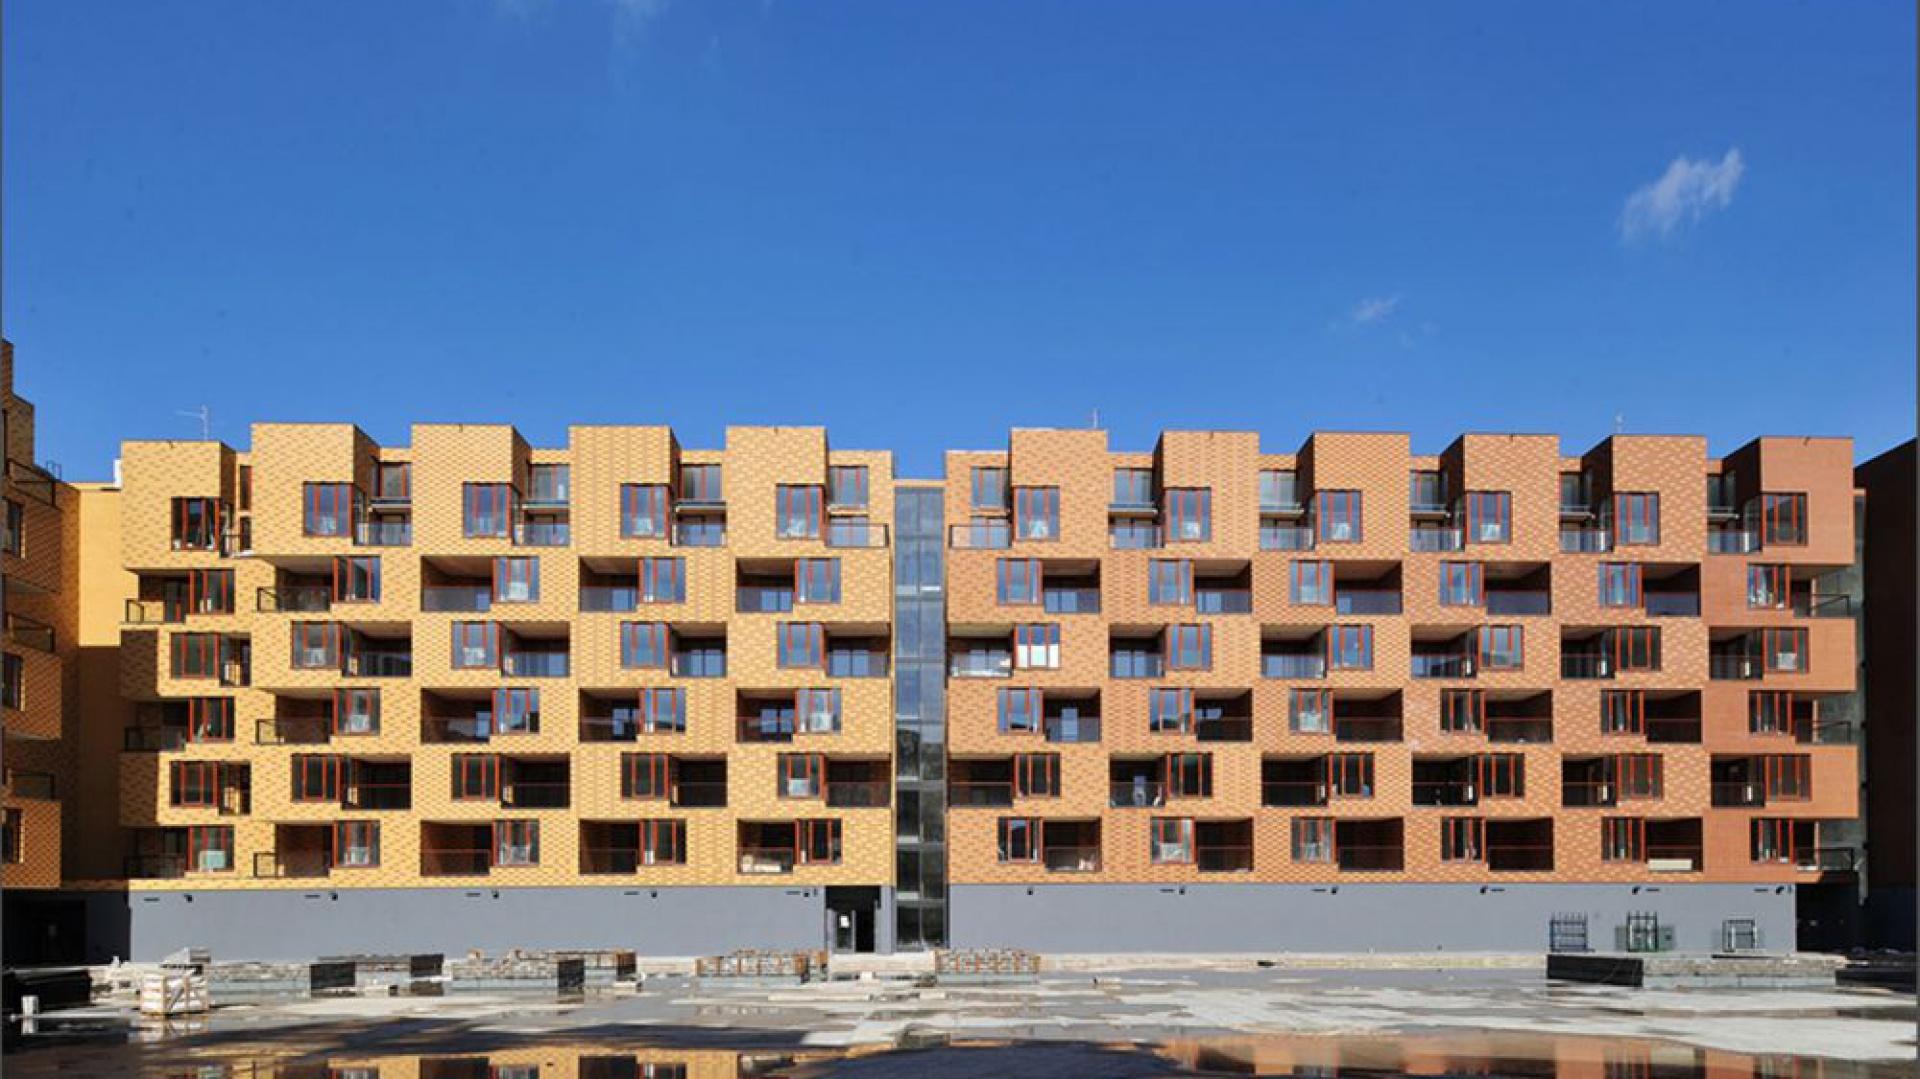 Budynek mieszkalny we Wrocławiu zaprojektowany przez Biuro Projektów Lewicki Łatak – obiekt nominowany w międzynarodowej edycji Brick Award. Fot. Wienerberger